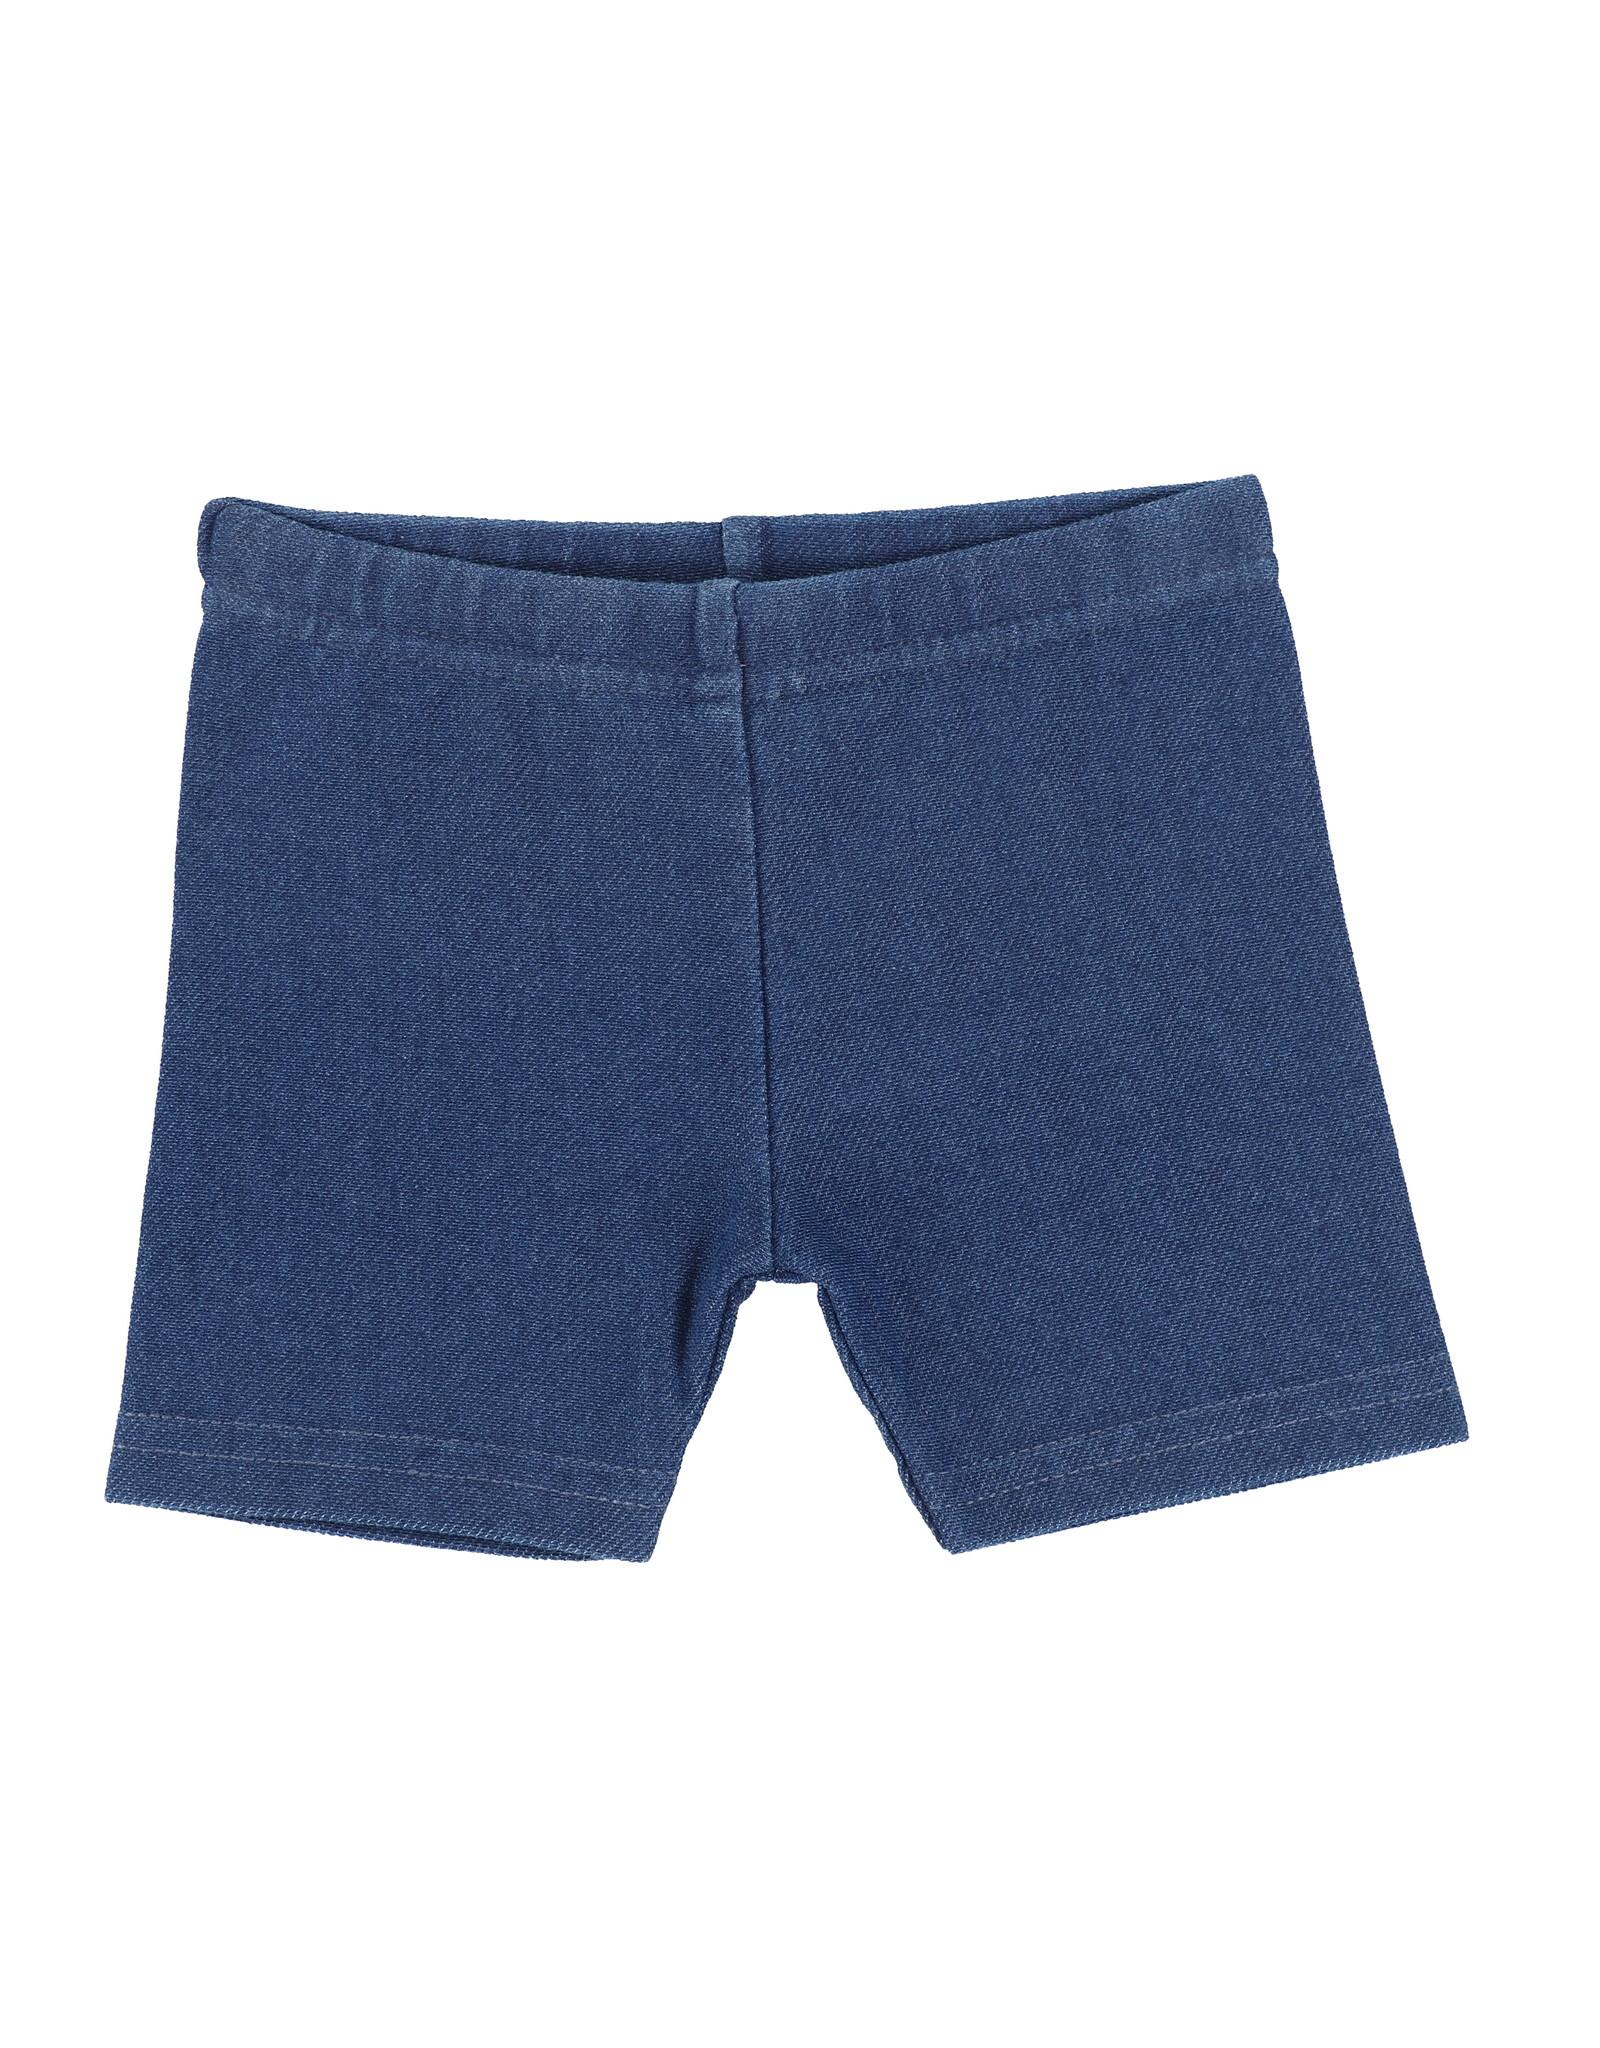 LIL LEGS Lil Legs Biker Shorts